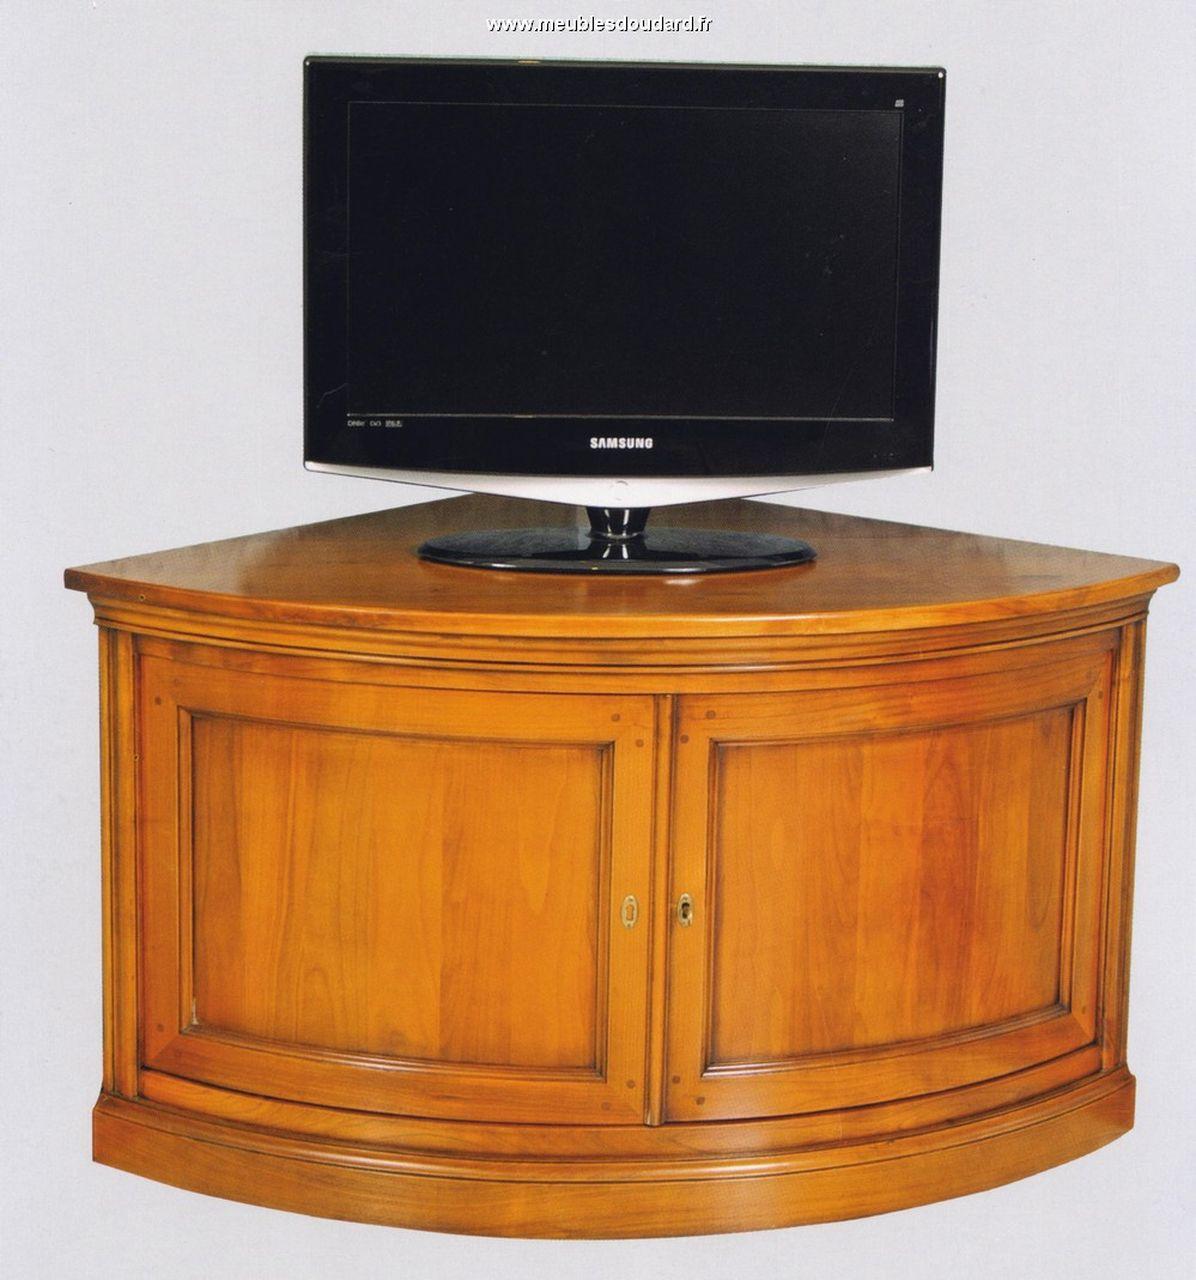 Meuble D Angle Merisier Encoignure Tv Merisier Meuble  # Meuble D'Angle Tv